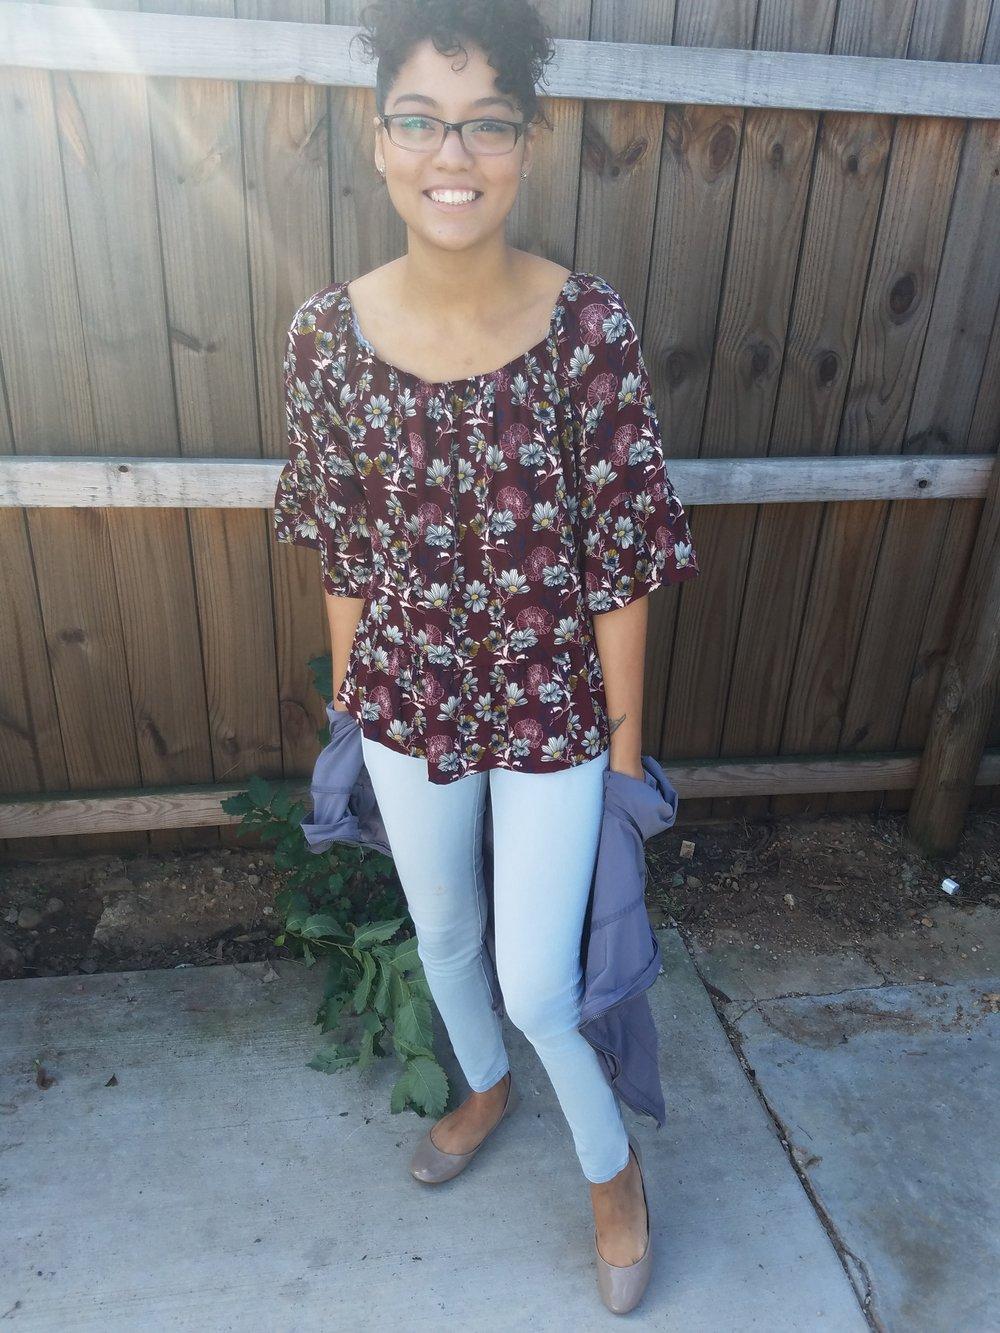 Shirt: Francesca's || Jacket: Target || Jeans: Aeropostale || Shoes: Target